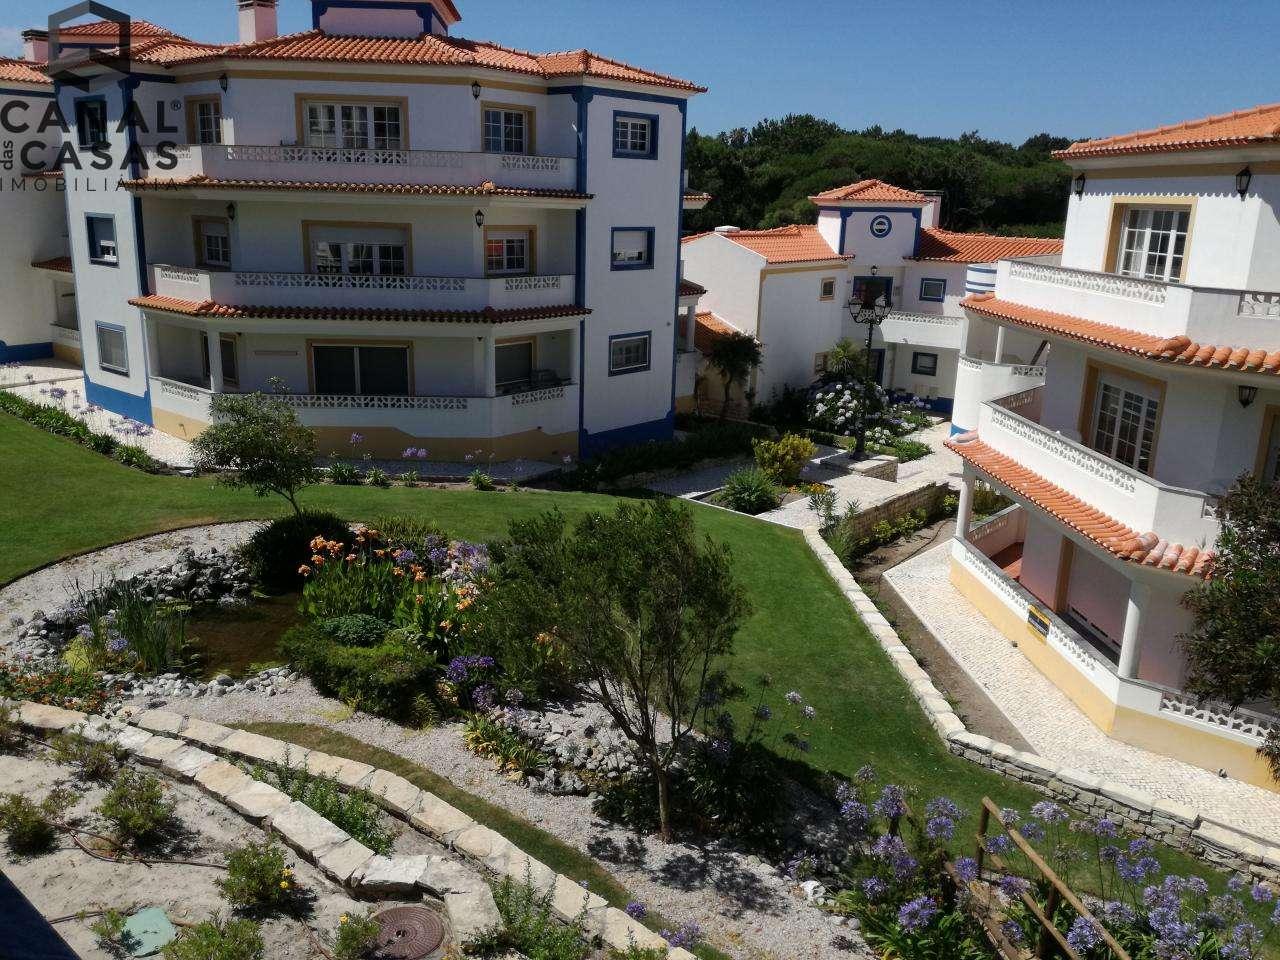 Apartamento para comprar, Amoreira, Leiria - Foto 1